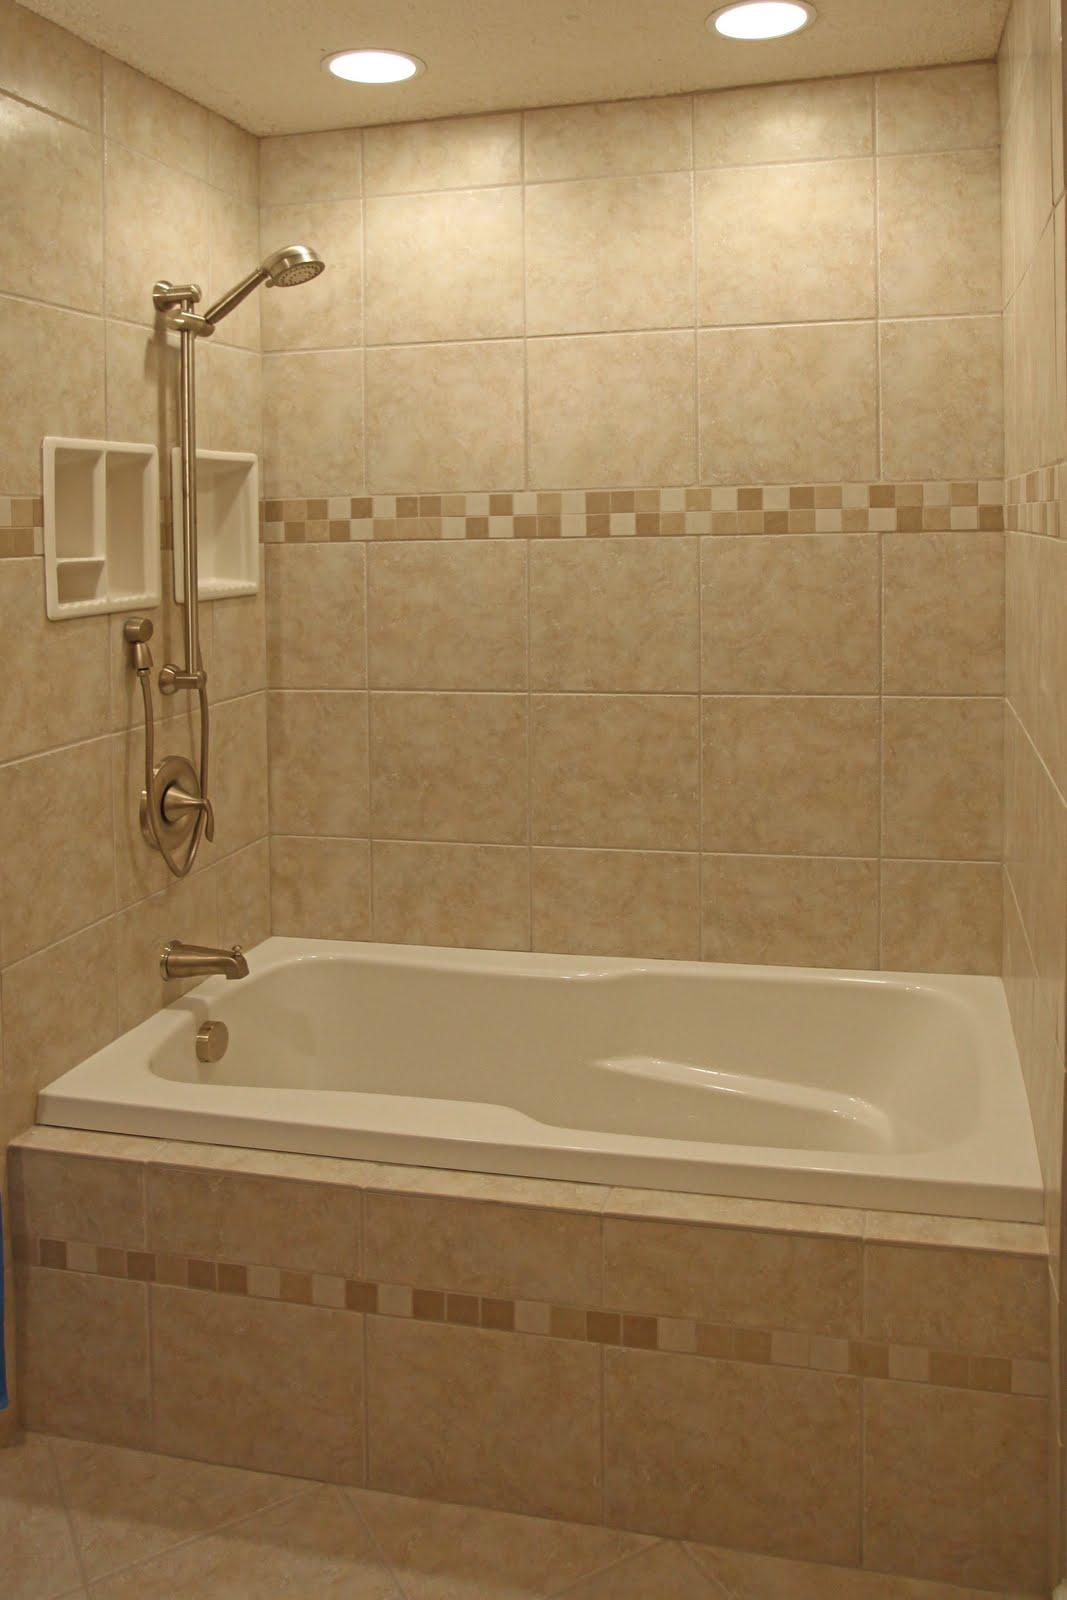 Garden And Home: Small bathroom tile design ideas